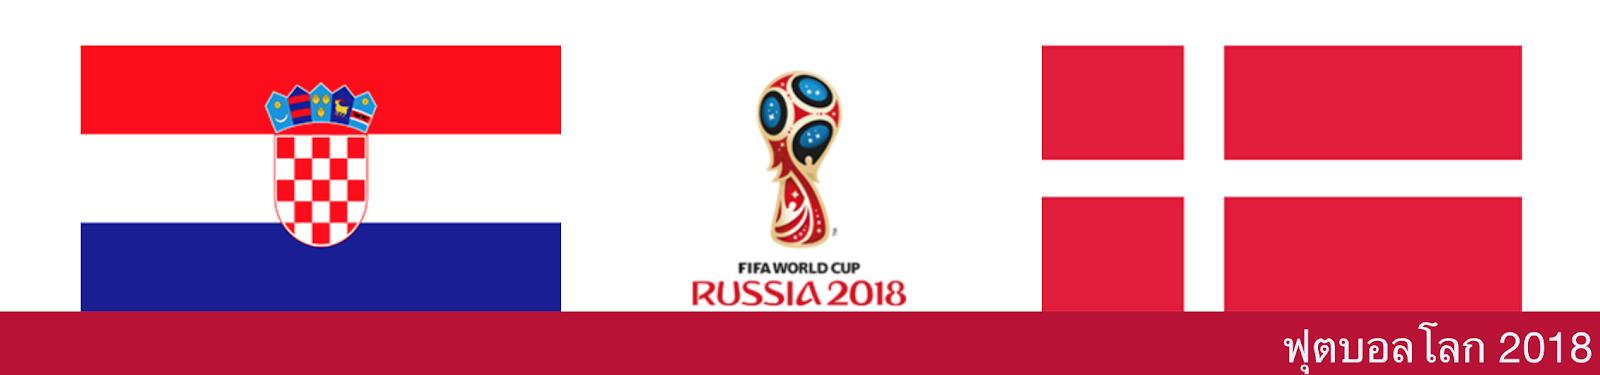 ดูบอลสด วิเคราะห์บอล ฟุตบอลโลก 2018 โครเอเชีย vs เดนมาร์ก